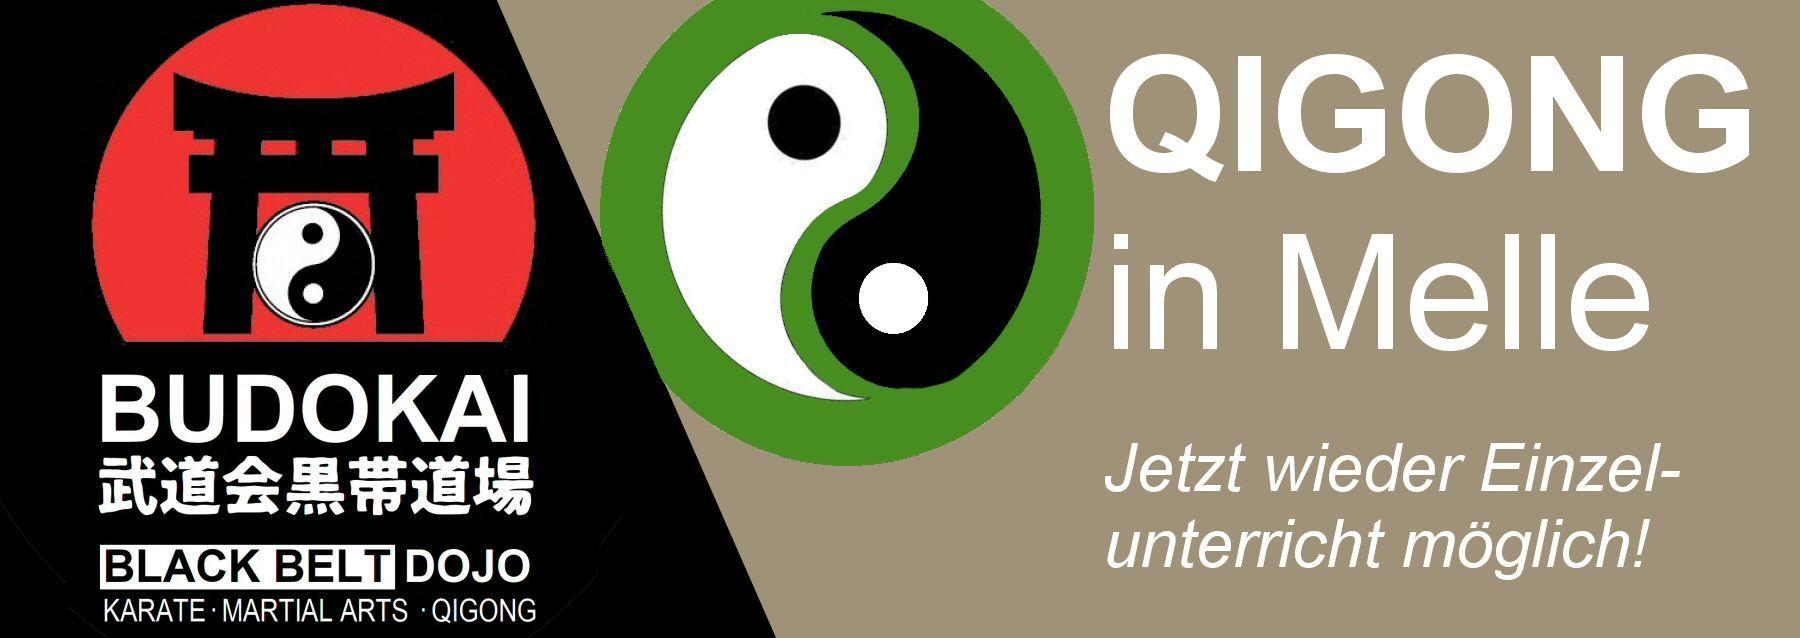 QIGONG beim Budokai :Bewegung für das Leben -